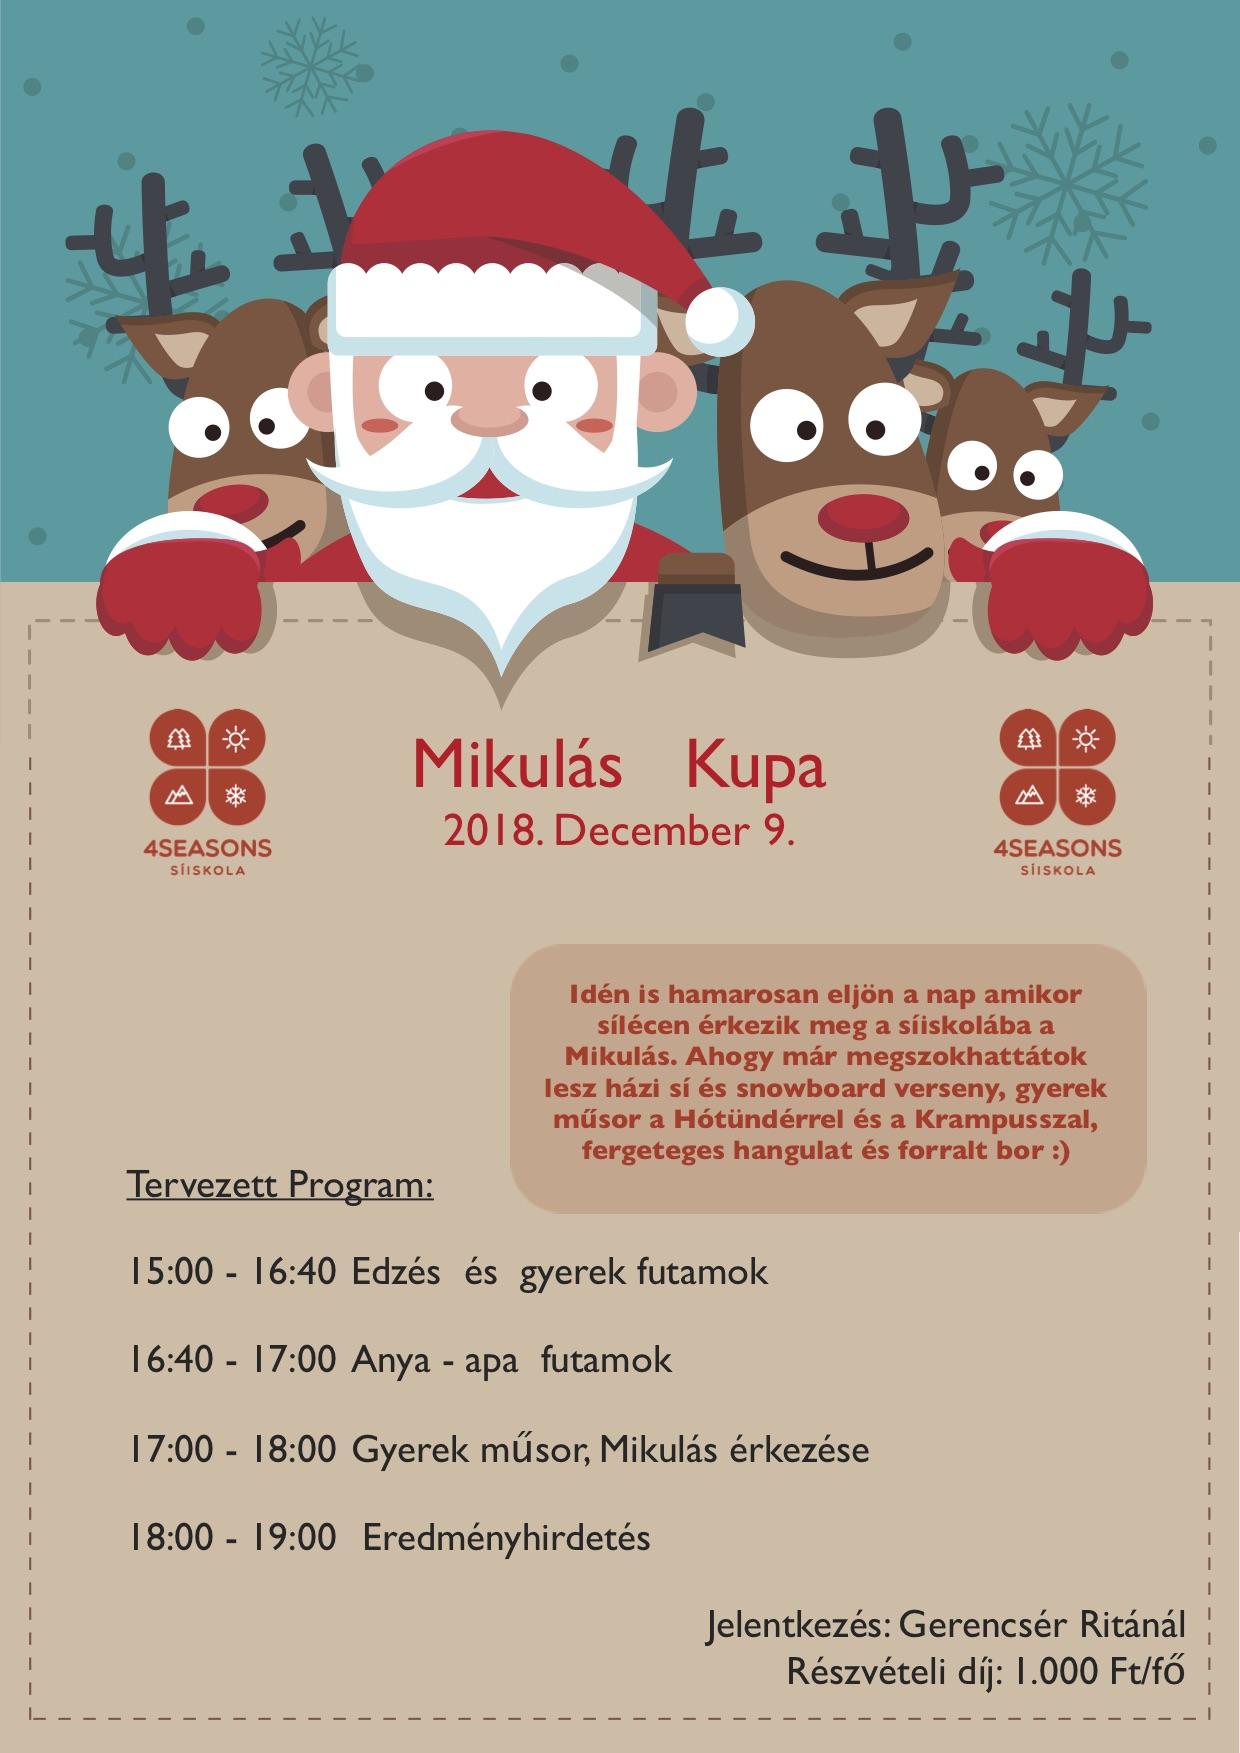 Mikulá_Kupa_2018_palkát.jpg